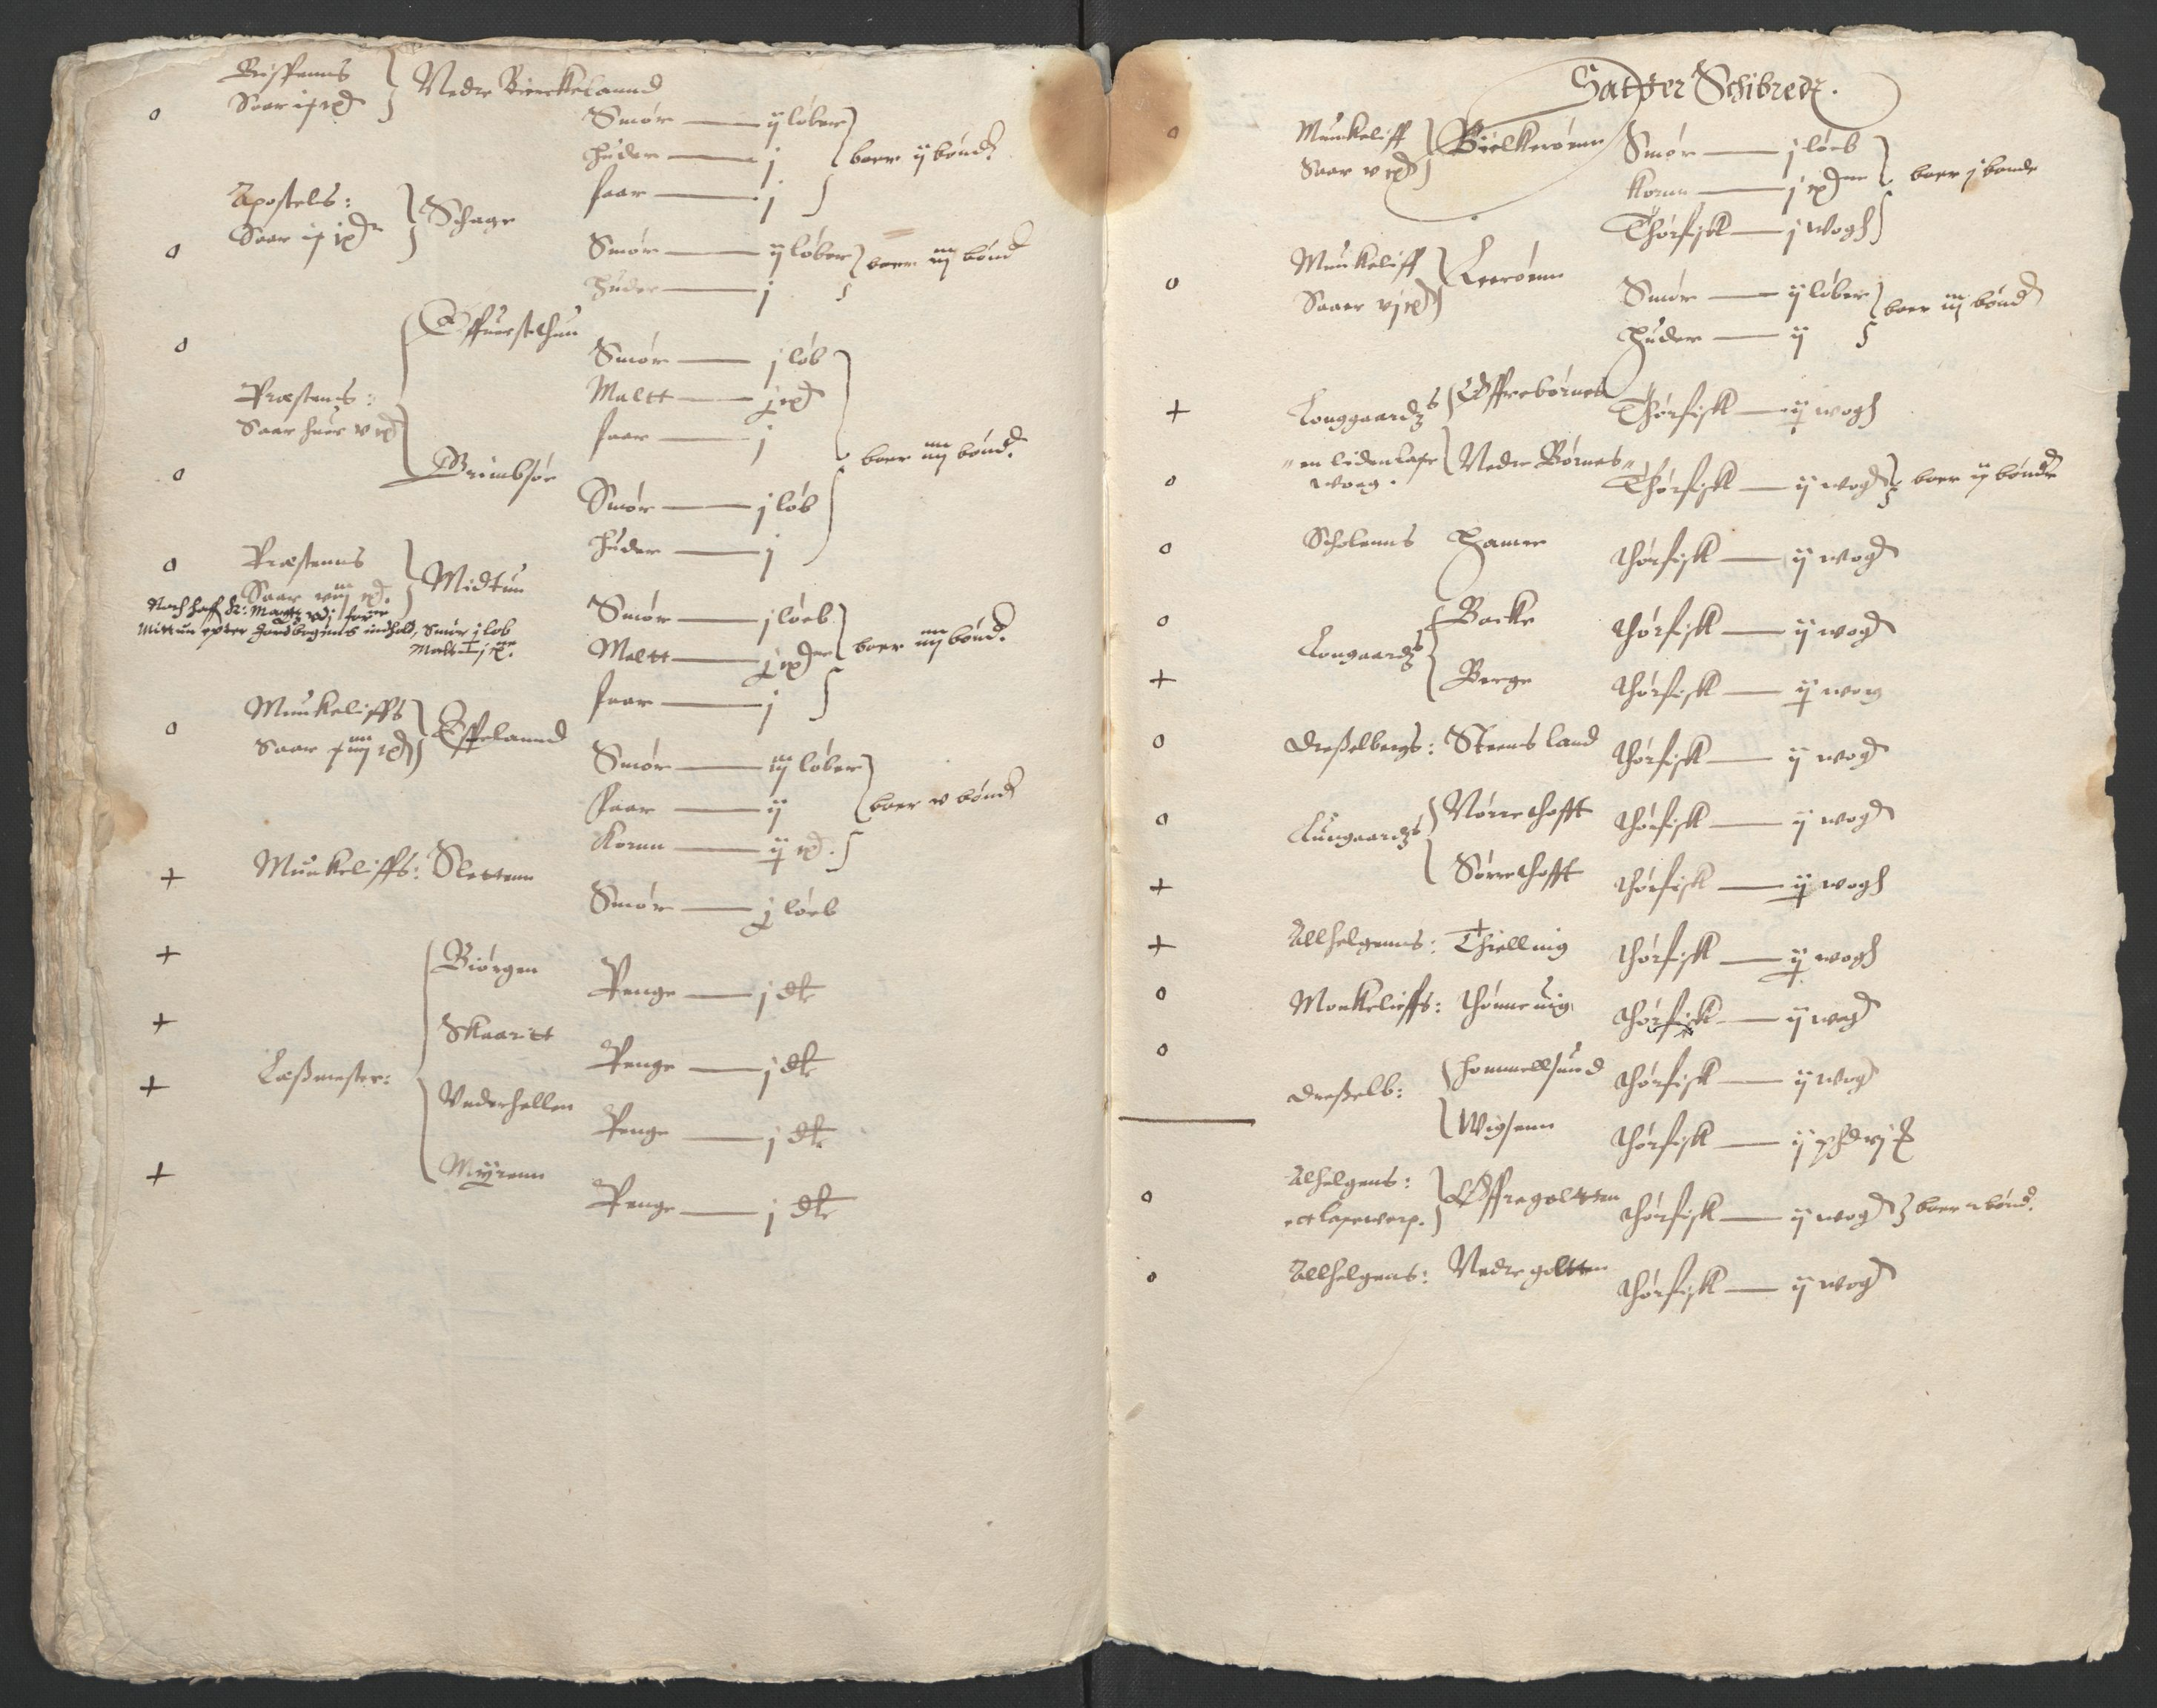 RA, Stattholderembetet 1572-1771, Ek/L0004: Jordebøker til utlikning av garnisonsskatt 1624-1626:, 1626, s. 170